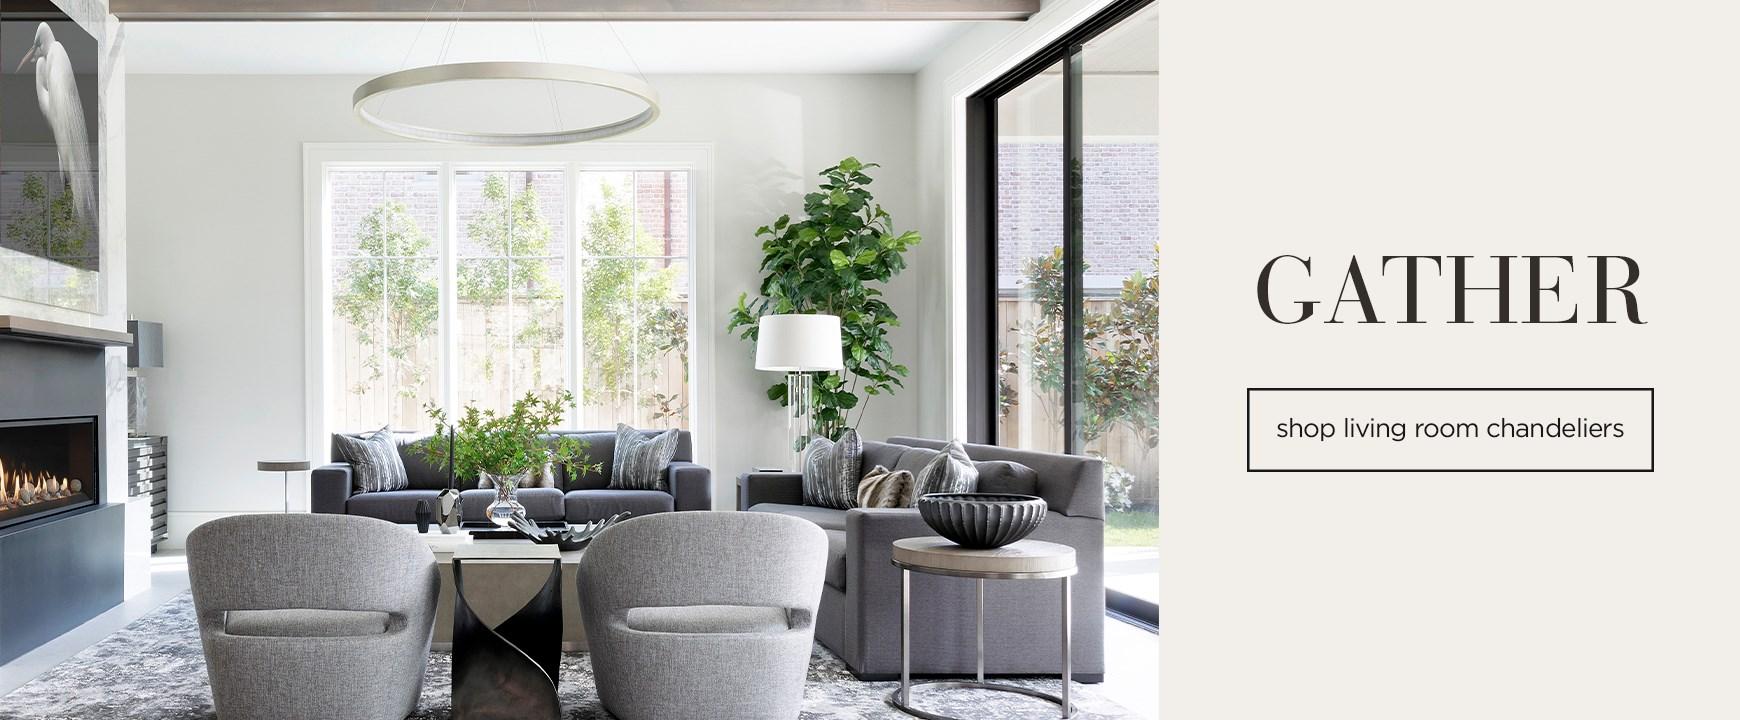 shop living room chandeliers